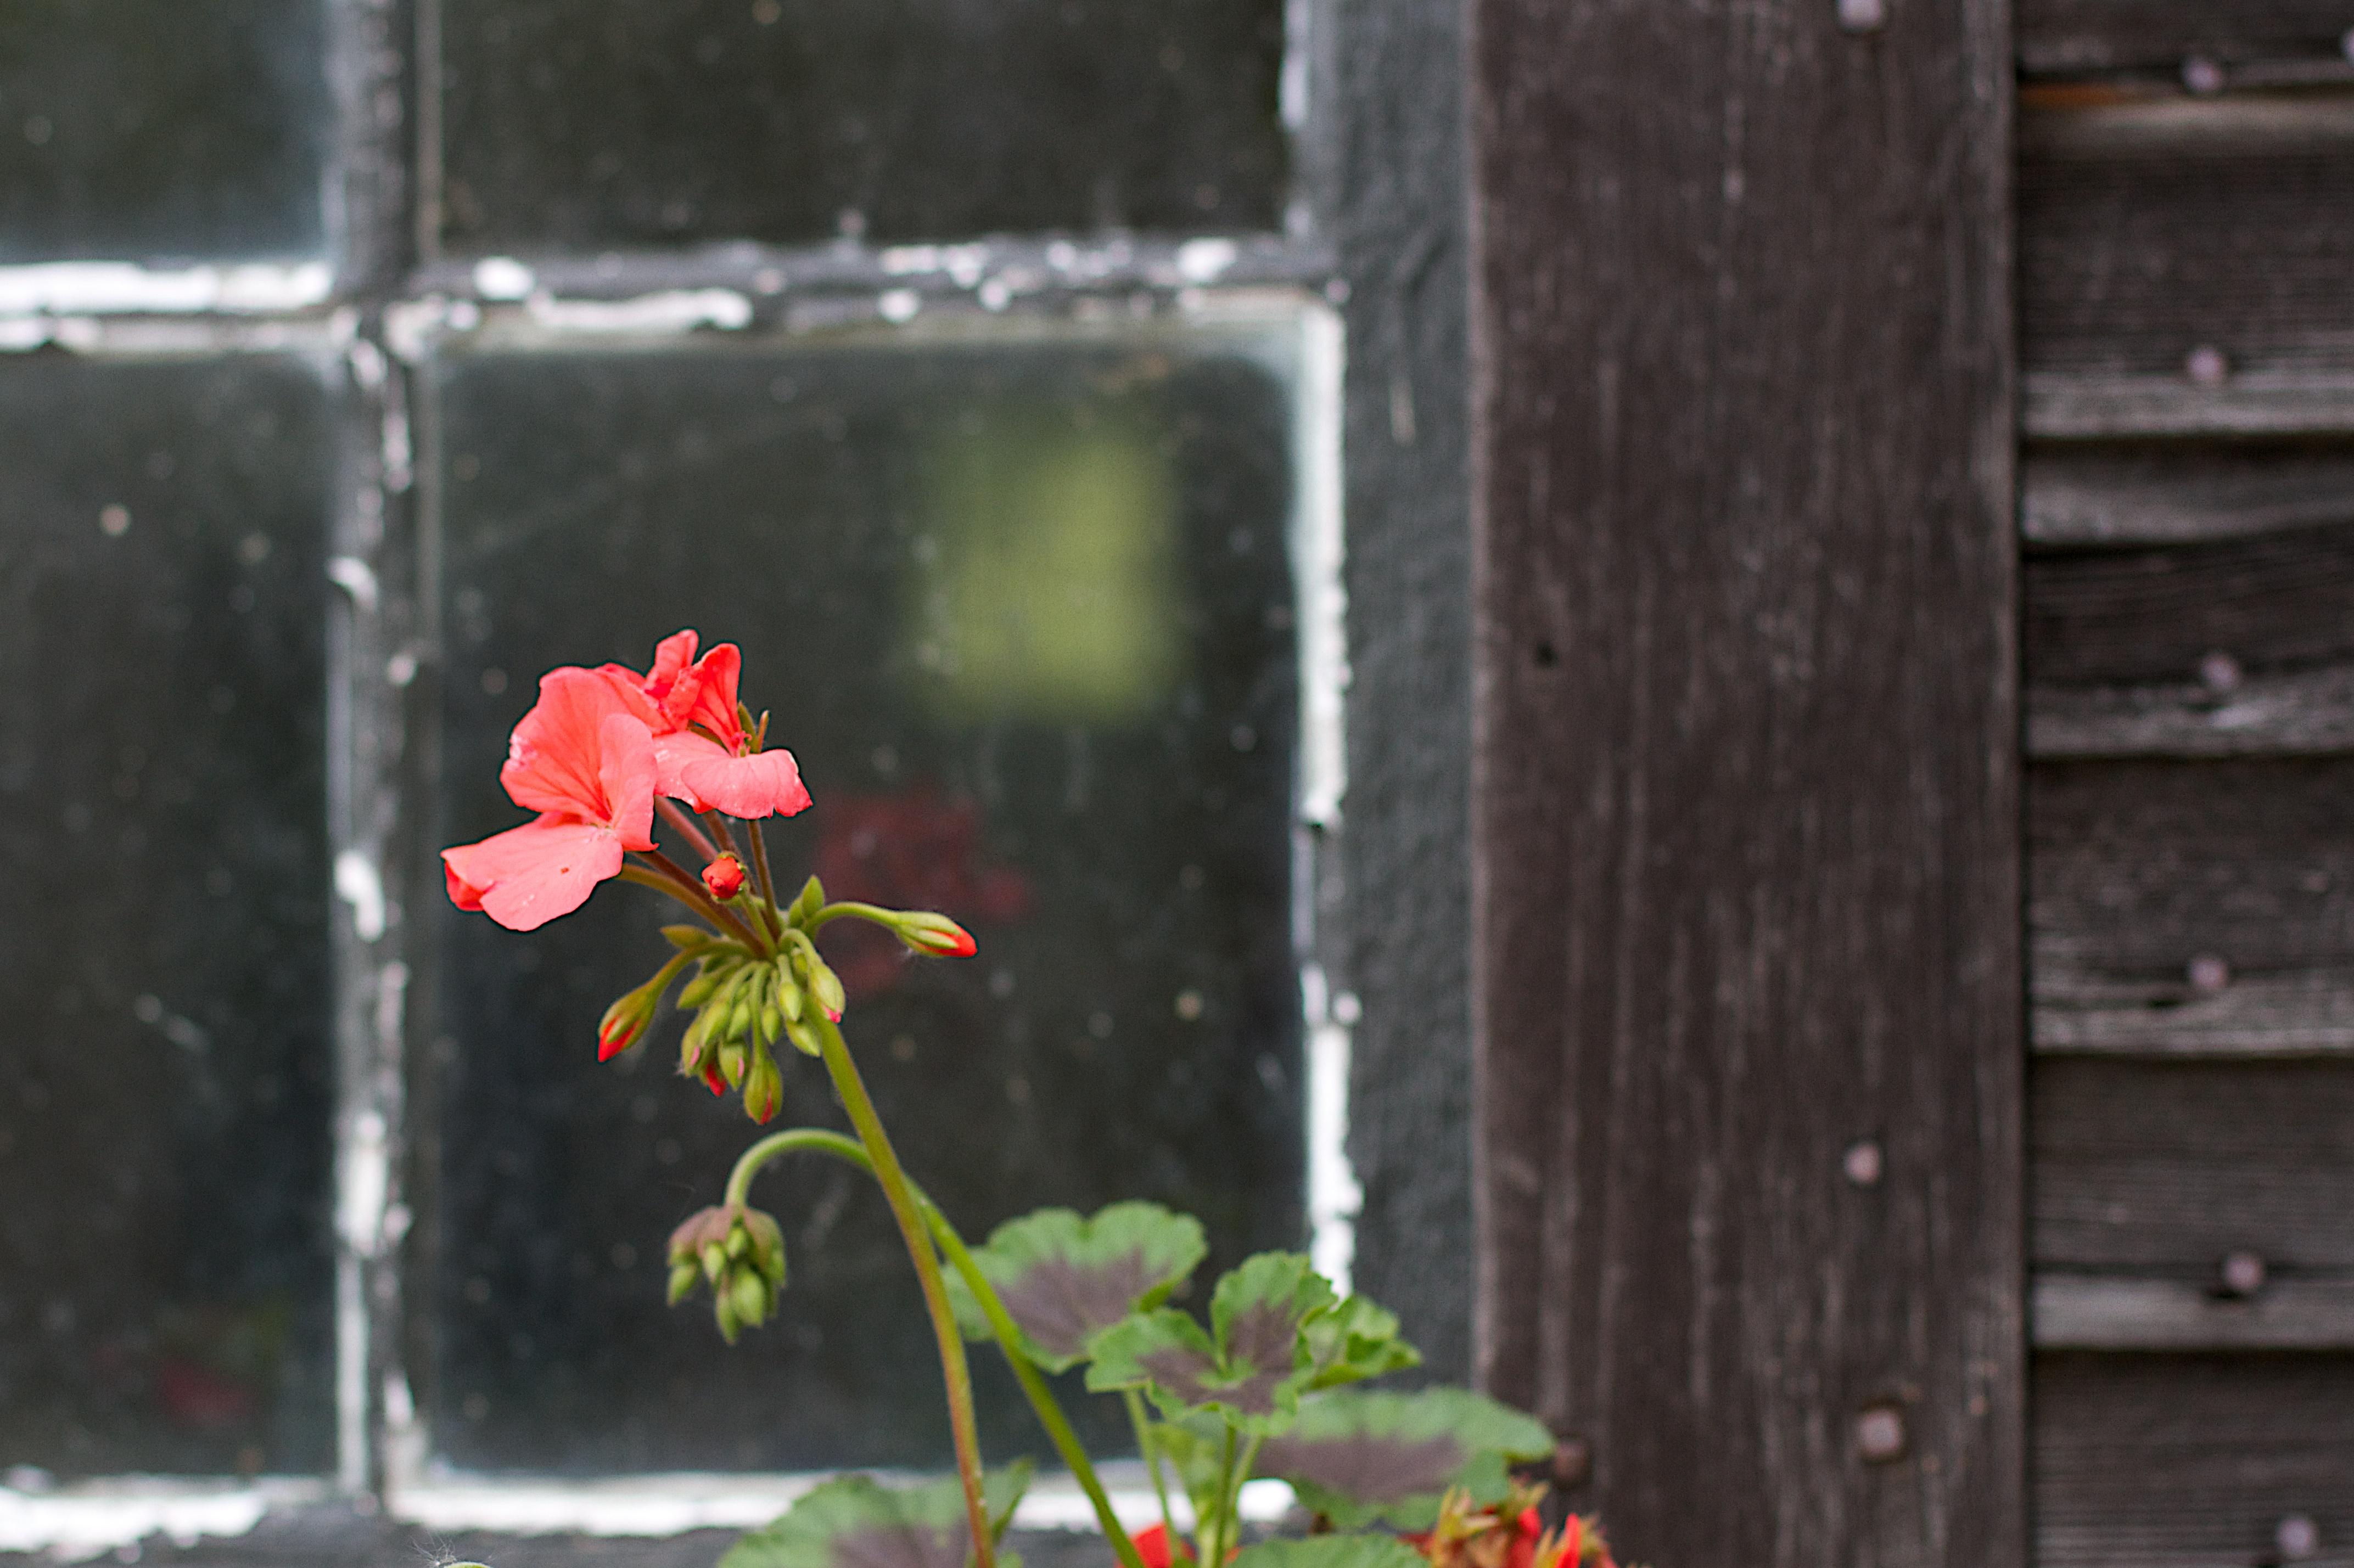 Fotos gratis : planta, hoja, flor, ventana, pared, verde, rojo ...